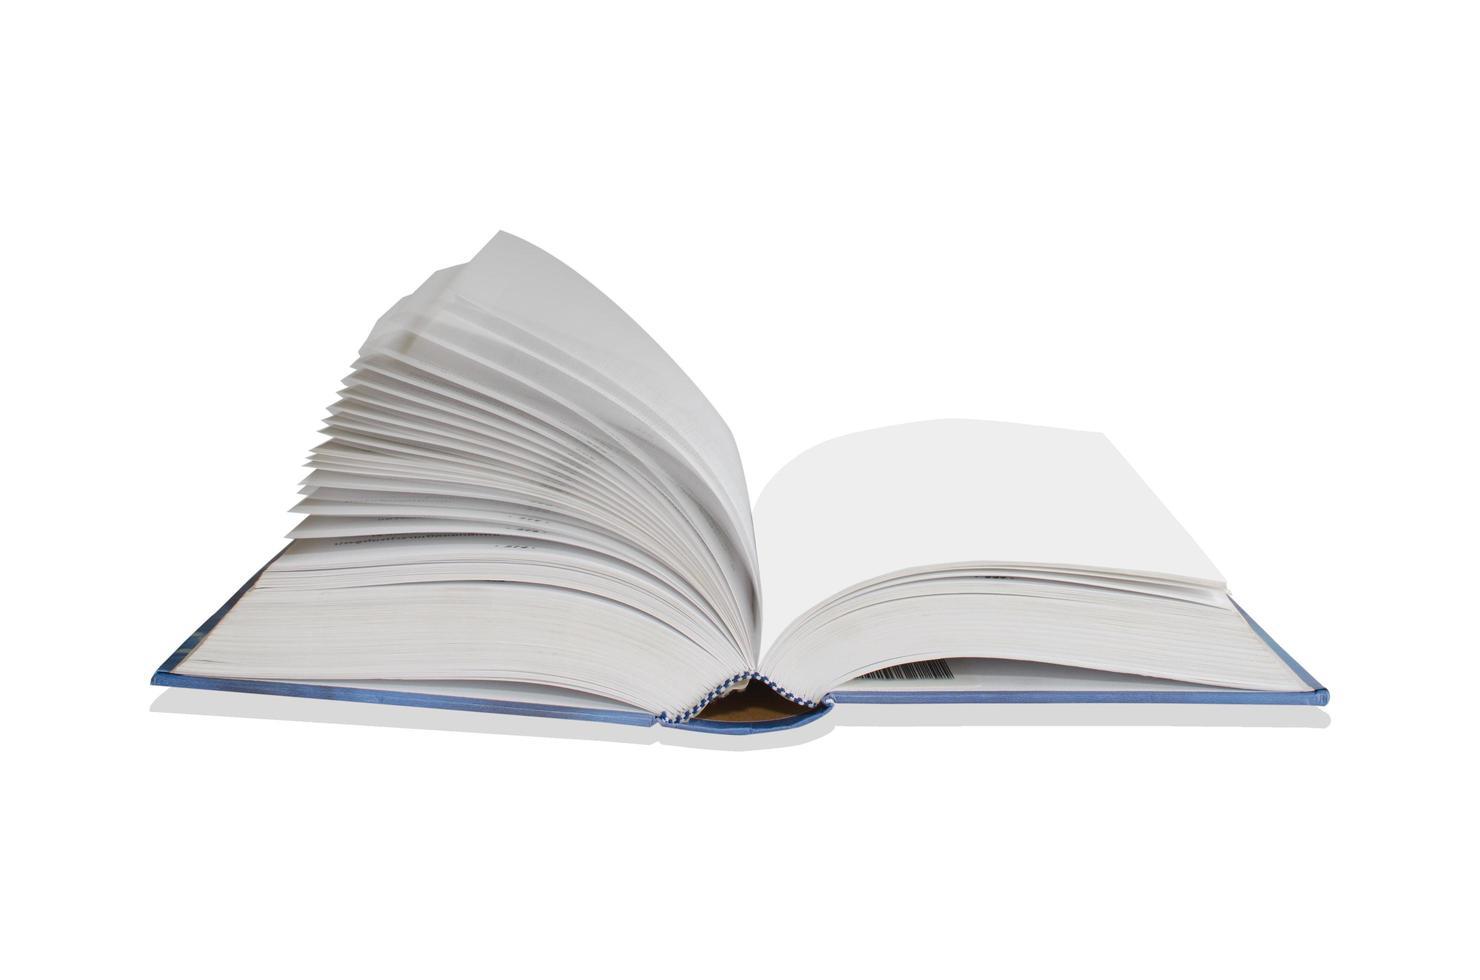 libro aperto isolato su sfondo bianco foto